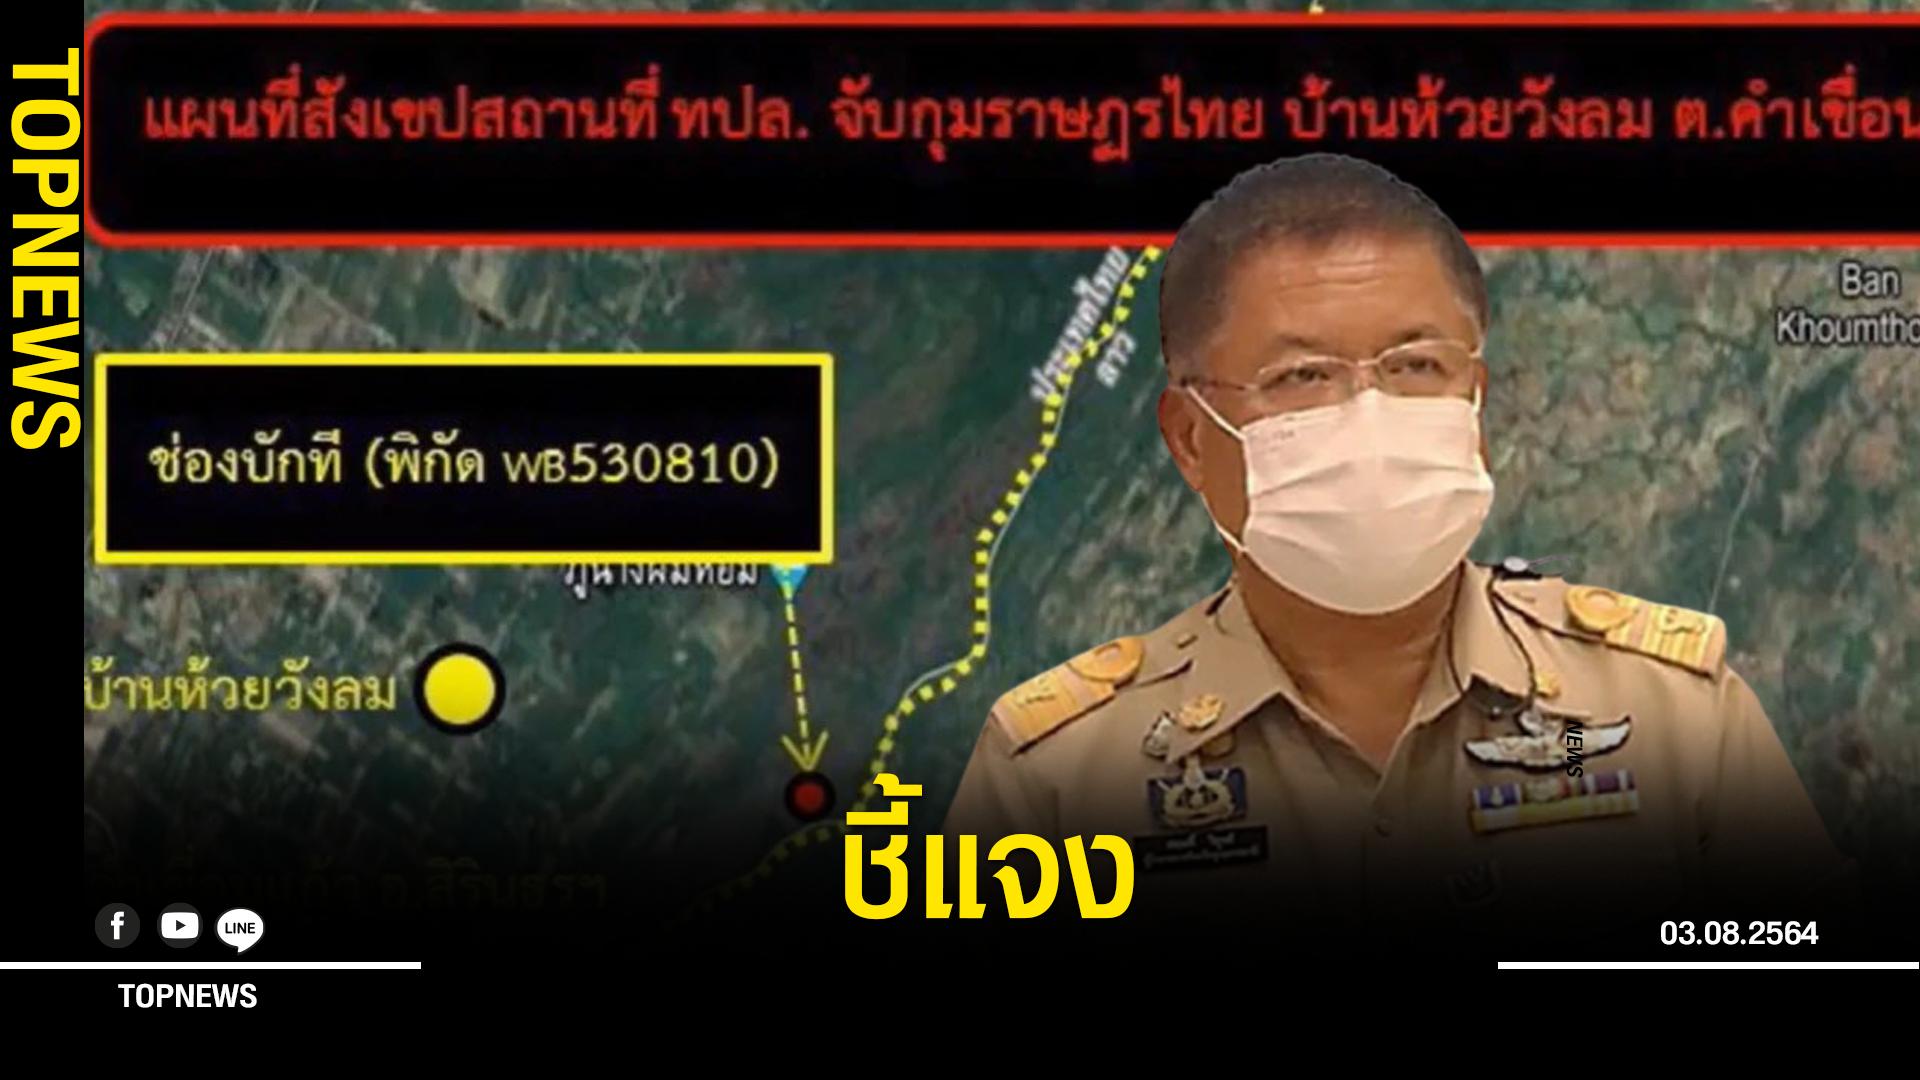 ผู้ว่าอุบลฯ ชี้แจง ปมข่าว ลาวฉีดวัคซีนให้คนไทยไปเก็บเห็ด